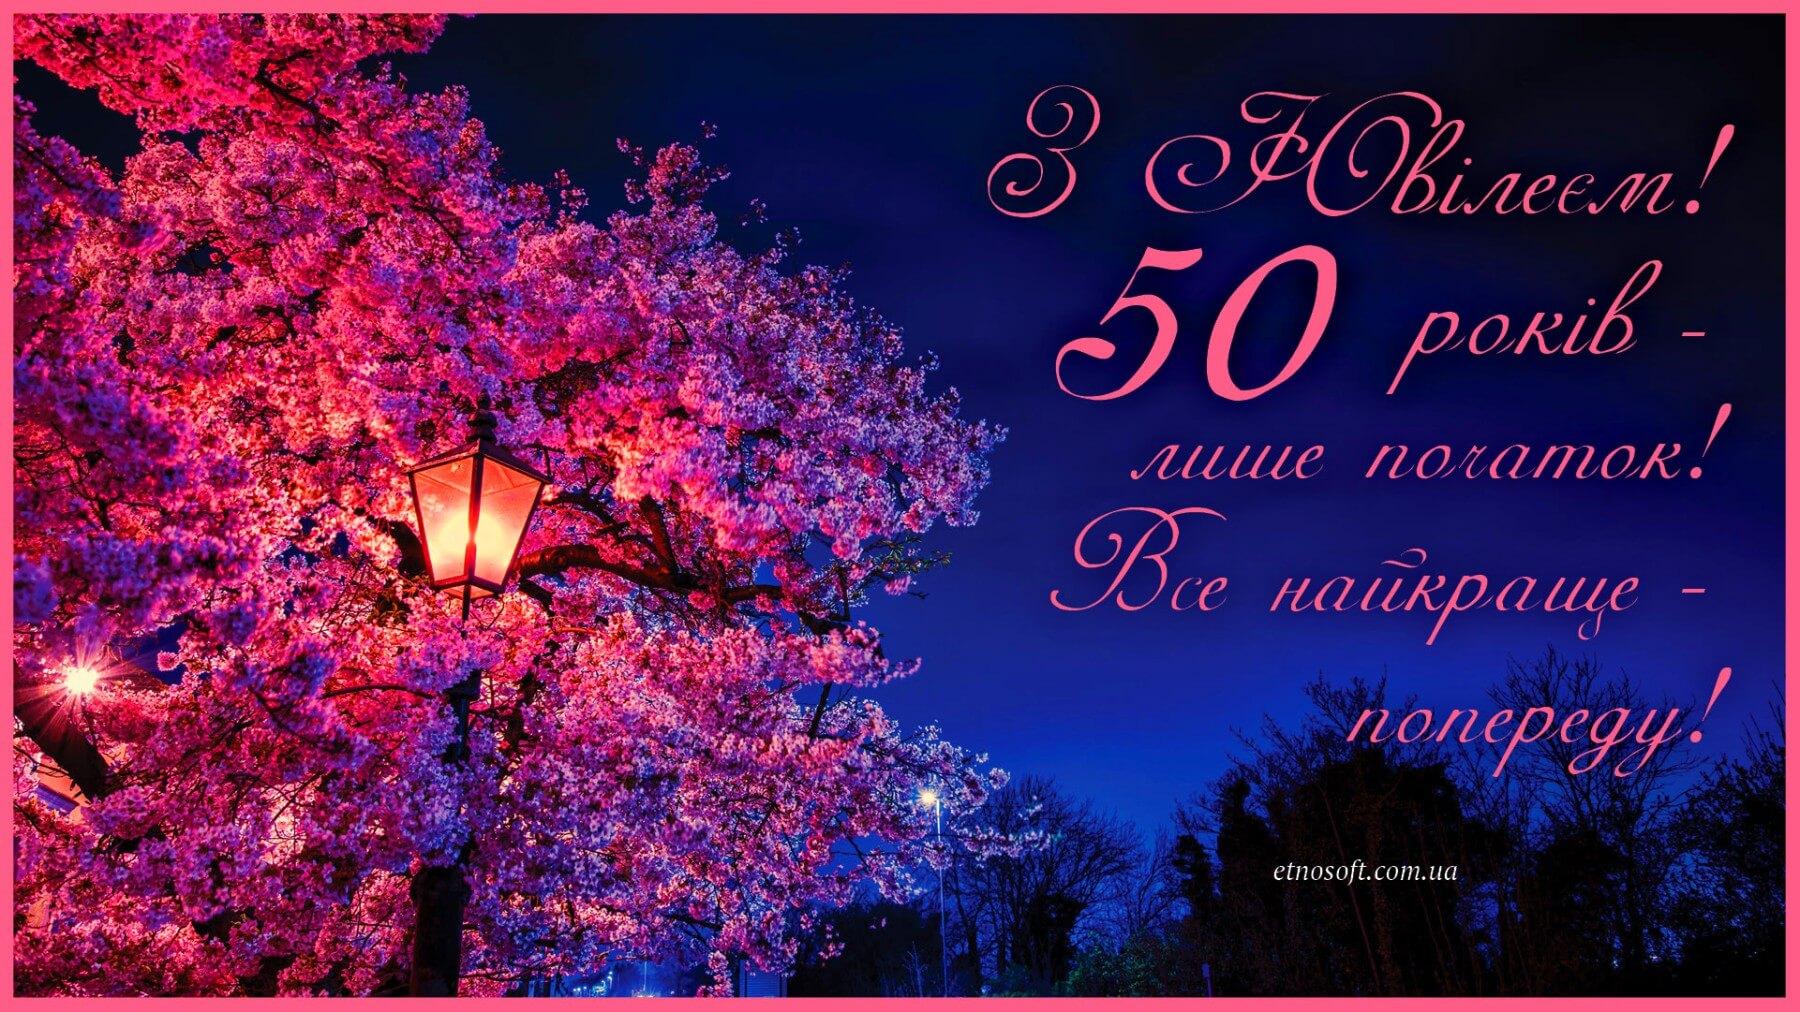 Краща вітальна листівка з Ювілеєм 50 років - гарне привітання з Днем Народження на 50 річчя